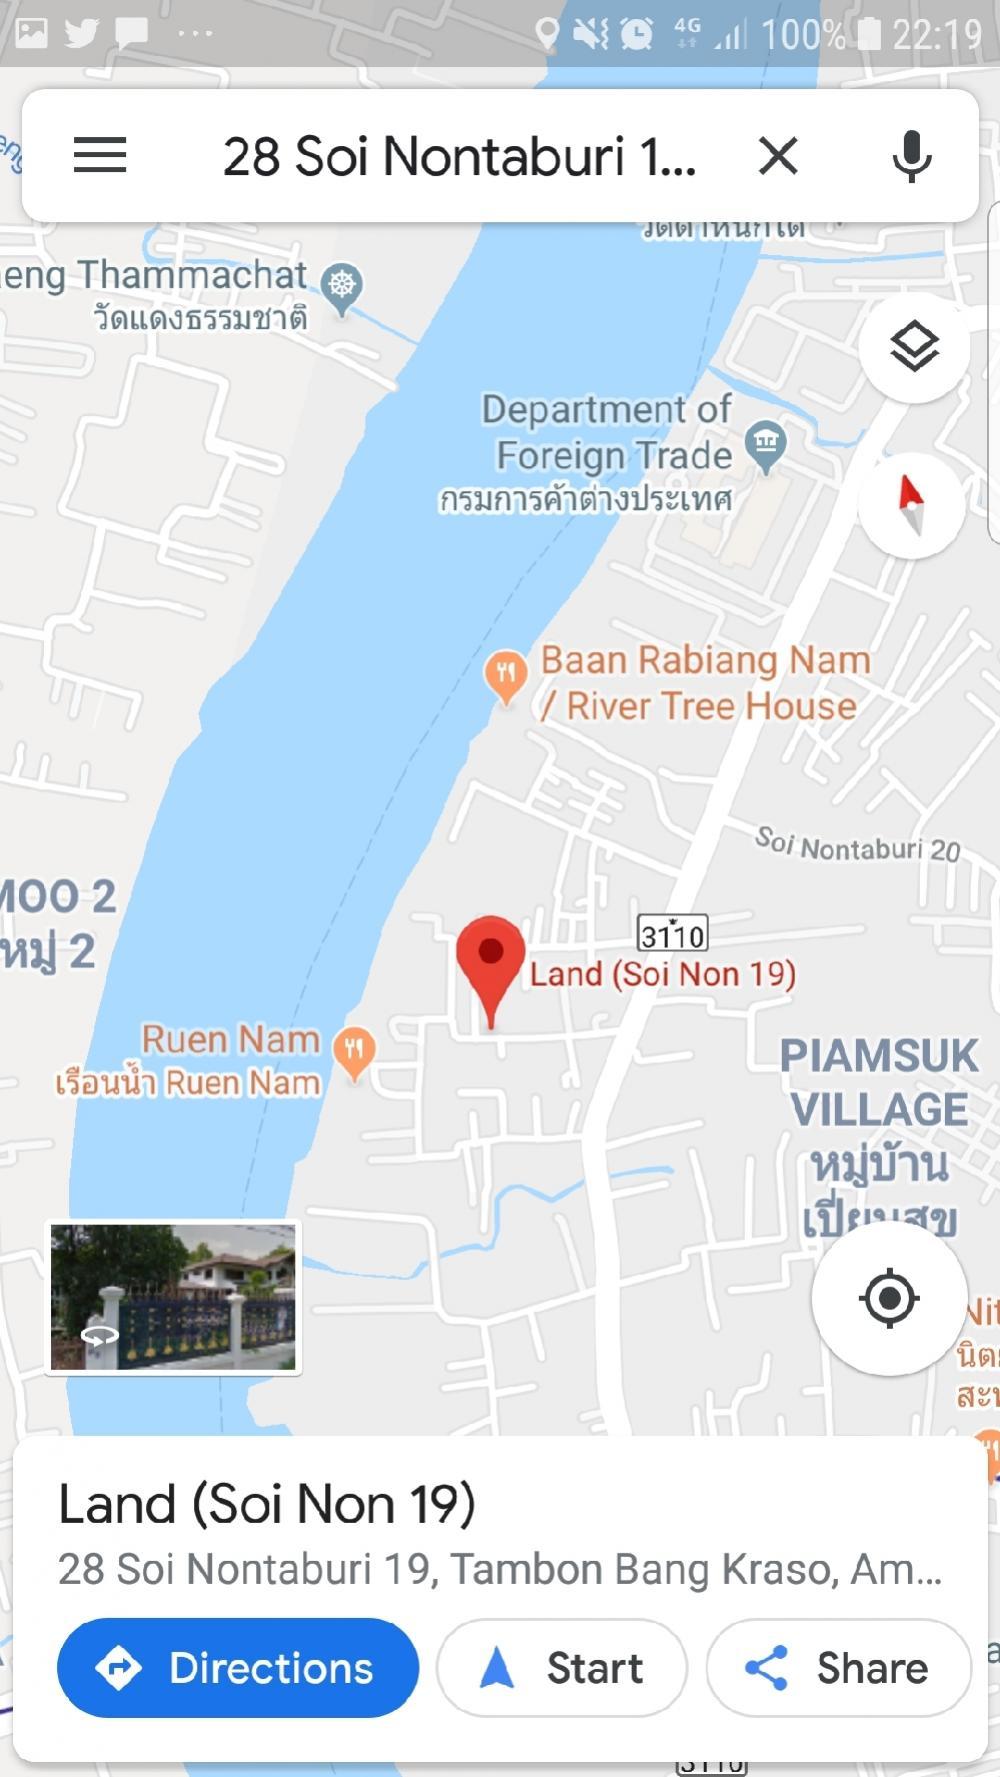 ขายที่ดินรัตนาธิเบศร์ สนามบินน้ำ พระนั่งเกล้า : (เจ้าของ) ขายที่ดินสวยแปลงมุม 108 ตรว. 200m จากถนนใหญ่ 1km จาก MRT ใกล้แม่น้ำเจ้าพระยา กระทรวงพาณิชย์